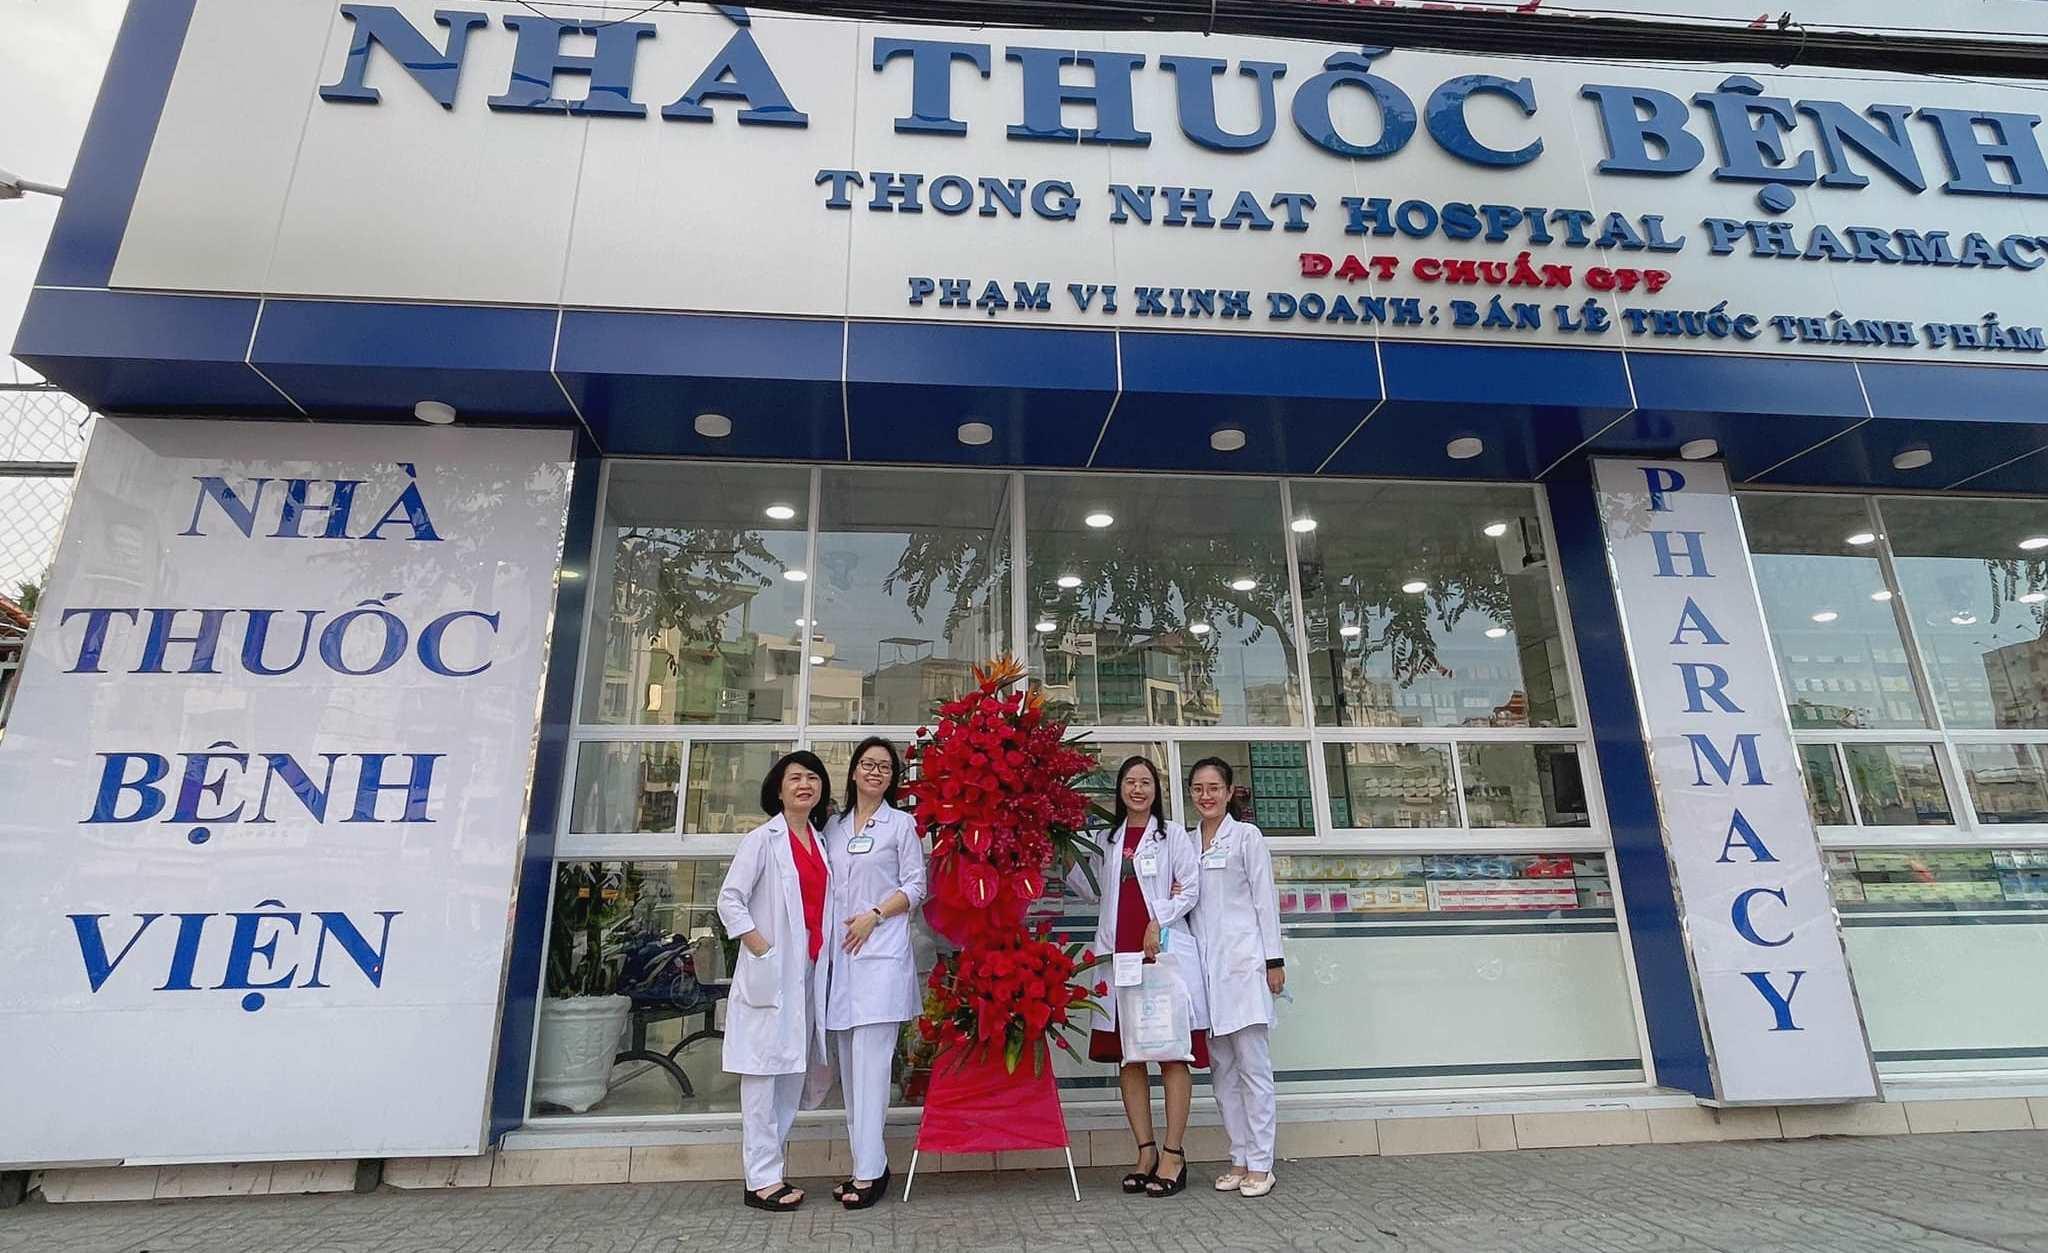 Bệnh viện Thống Nhất khai trương nhà thuốc đạt chuẩn GPP